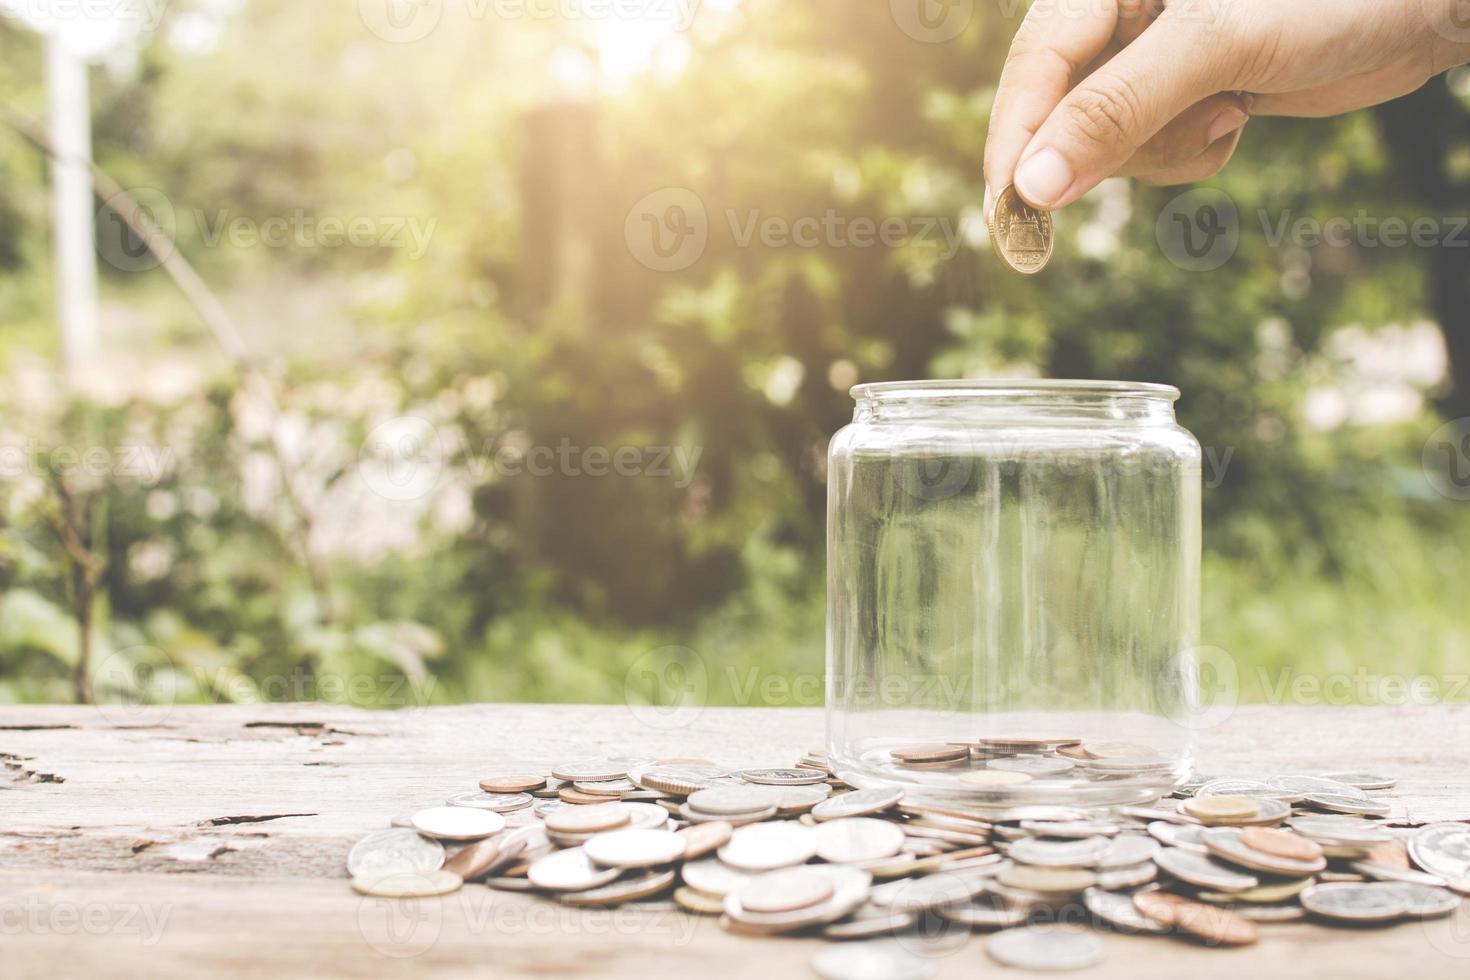 mano mettendo soldi moneta in un barattolo di vetro foto